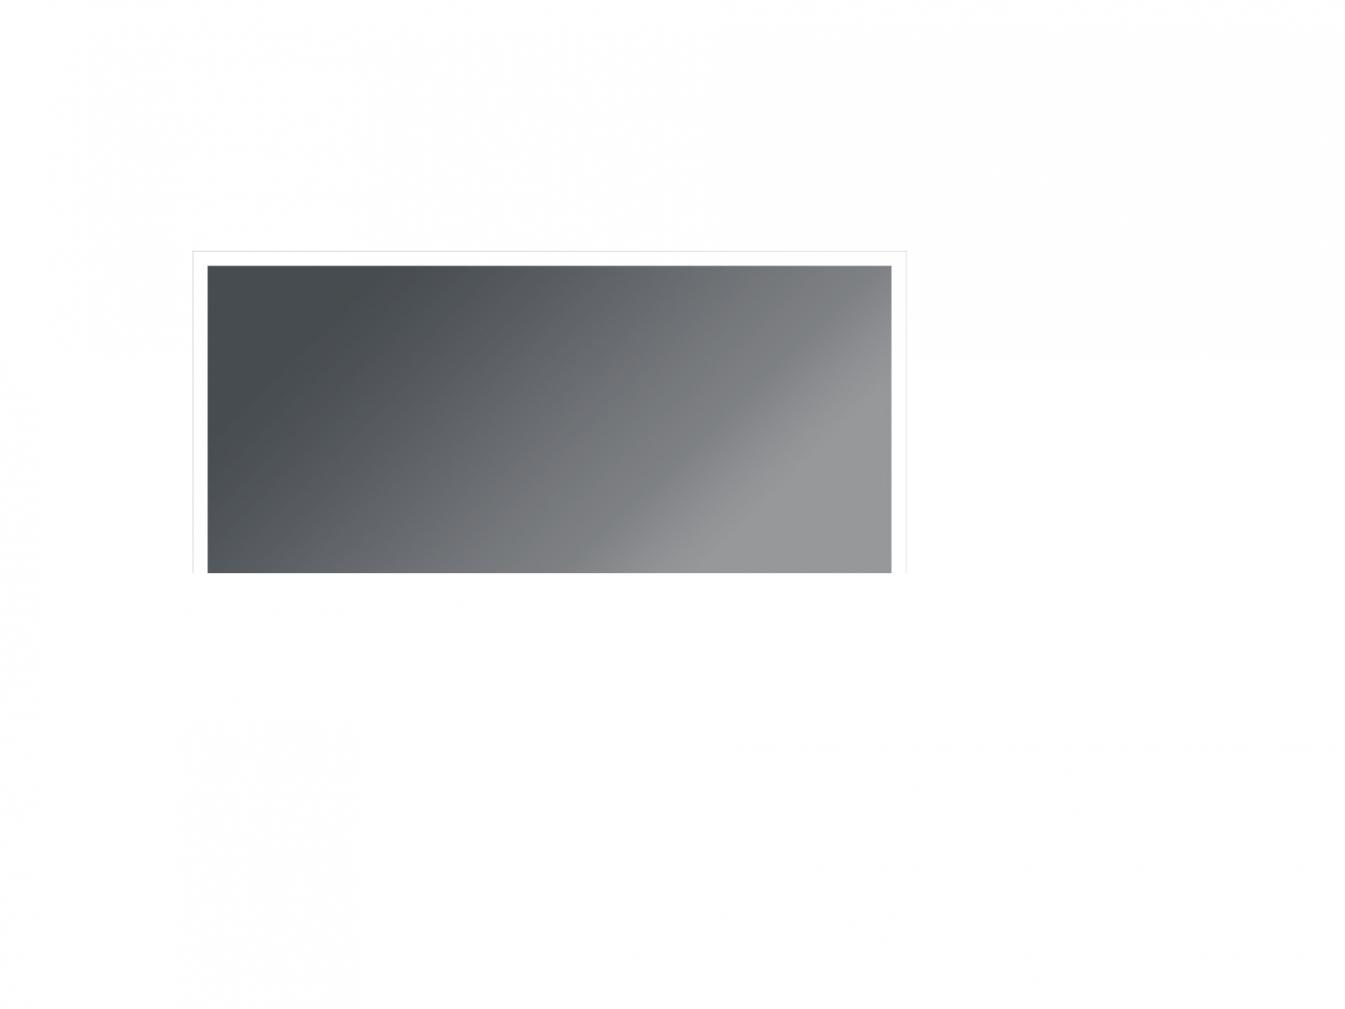 Badezimmerspiegel Online Kaufen.Led Badspiegel Mit Beleuchtung Links Rechts Und Oben Online Kaufen